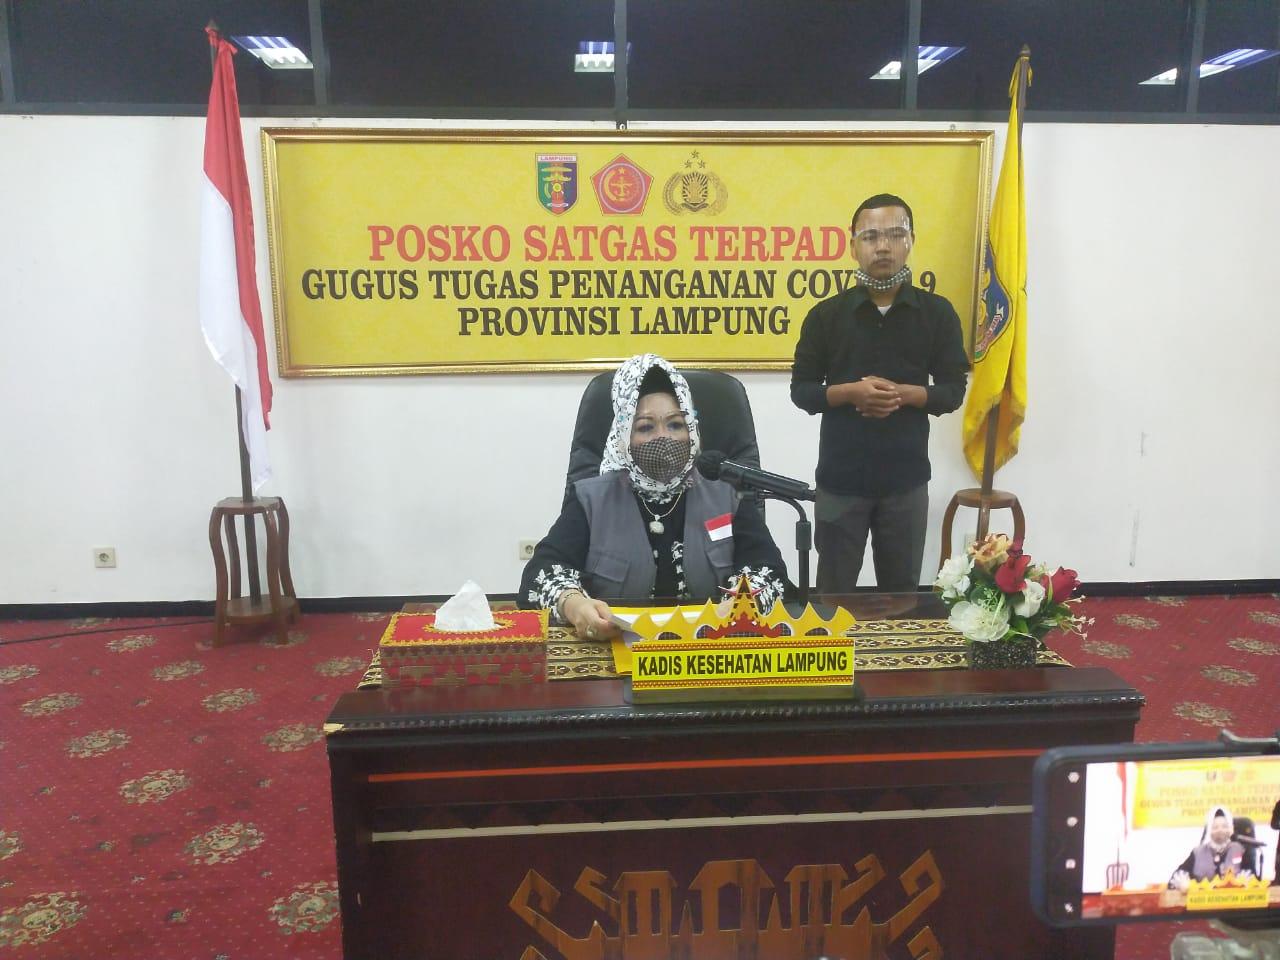 Hasil Swab Dua dari Tiga PDP Meninggal di Lampung Negatif Covid-19